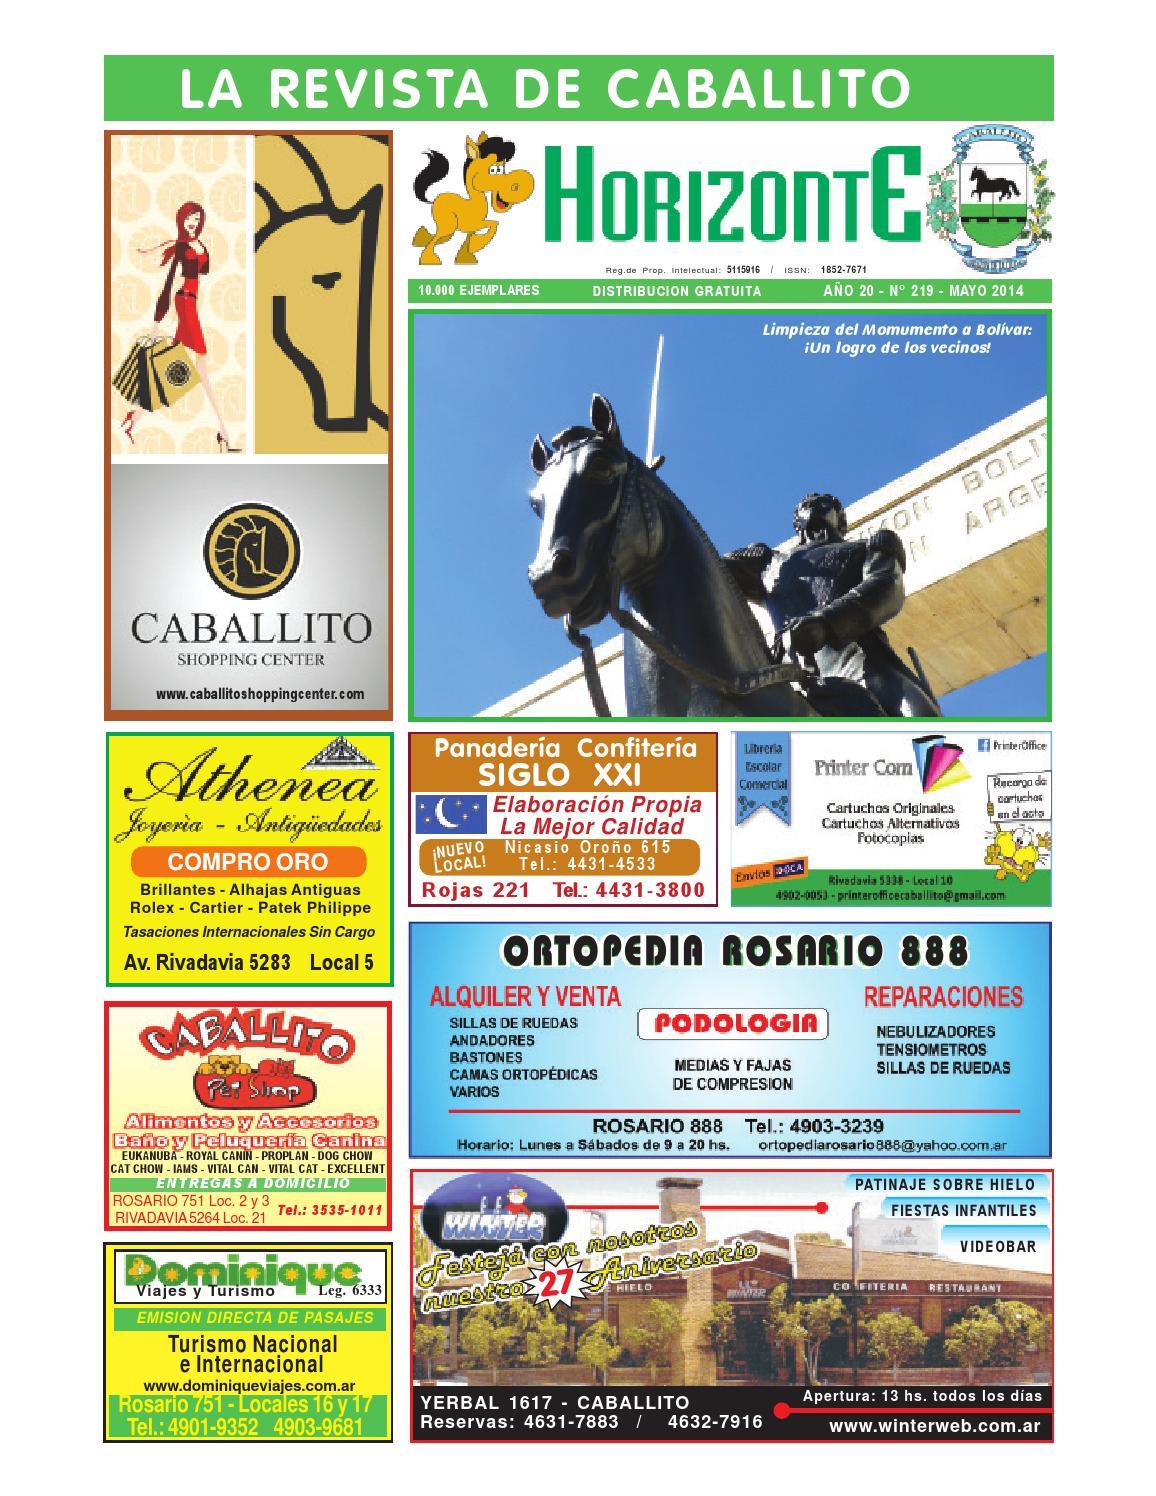 Horizonte mayo 2014 219 by Revista Horizonte Caballito - issuu